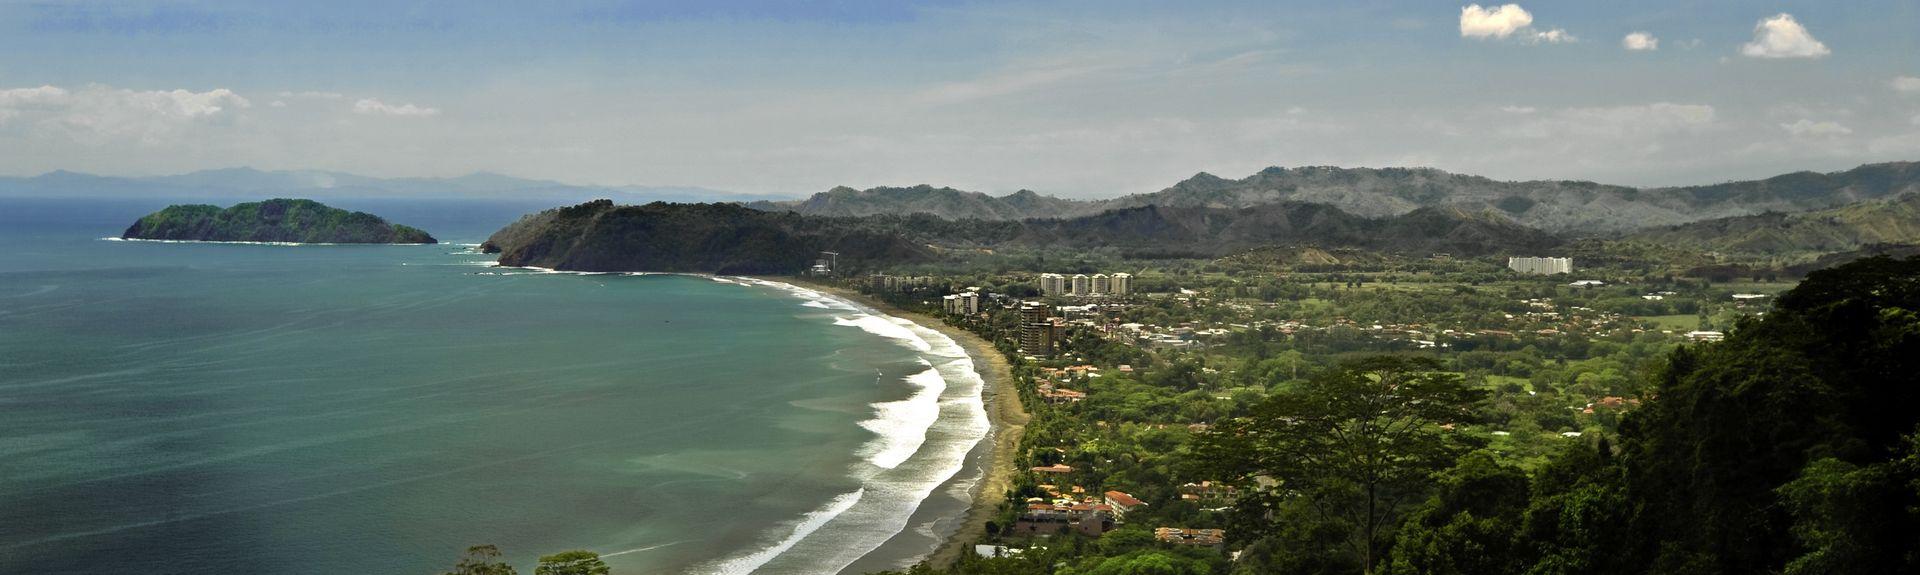 Jaco, Puntarenas (provincie), Costa Rica